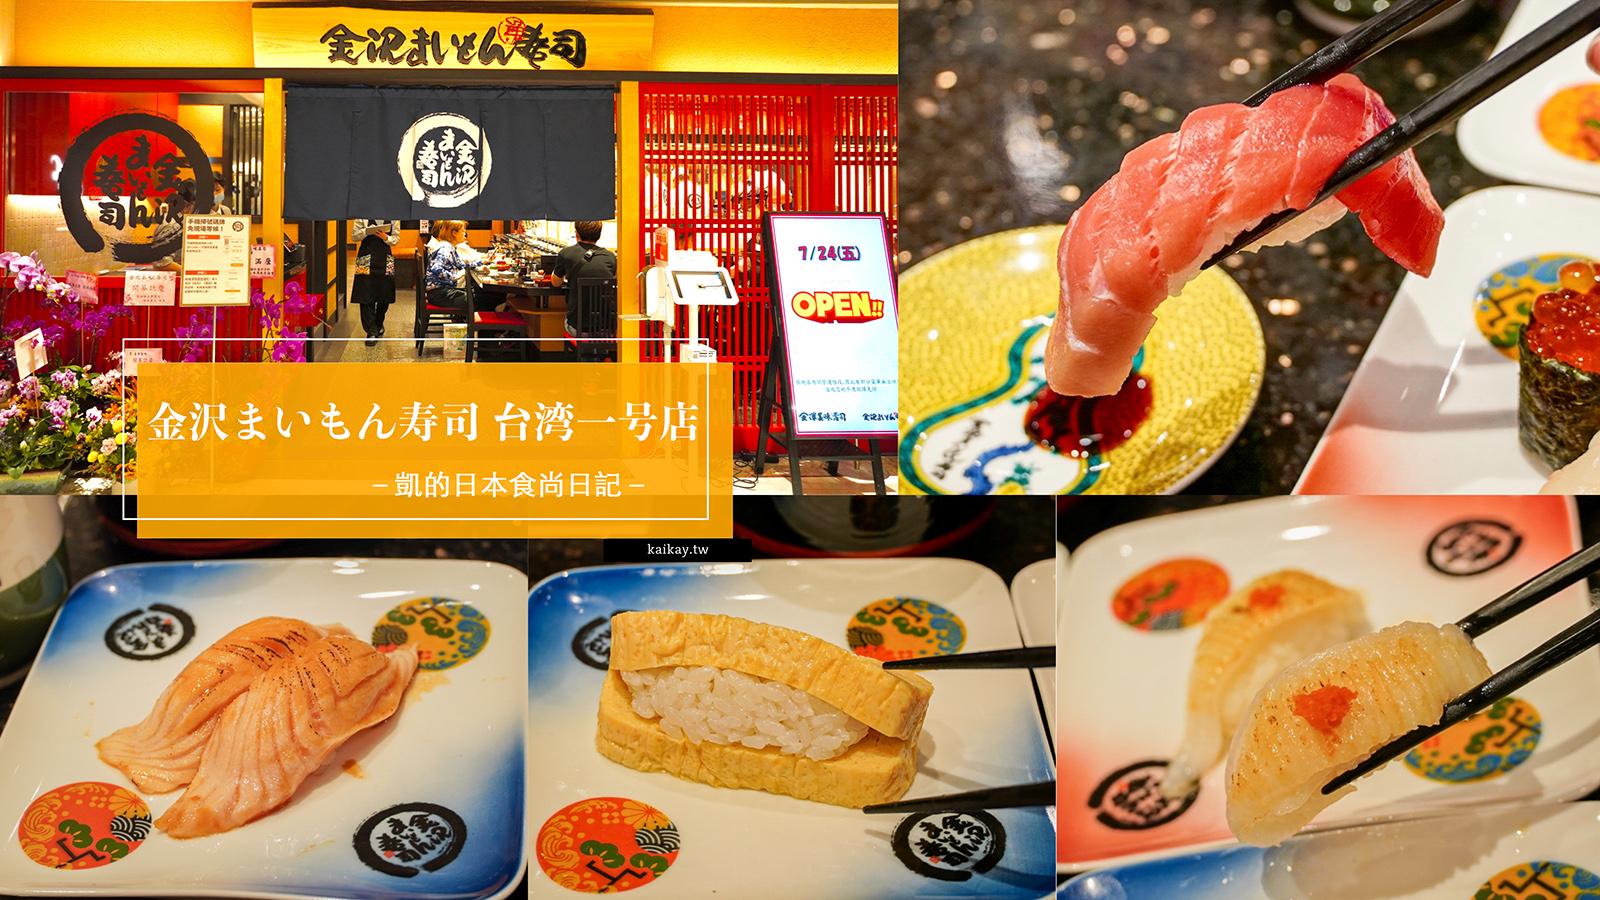 網站近期文章:☆【台北|忠孝復興站】金沢まいもん寿司 金澤美味壽司真的美味嗎?感想老實說